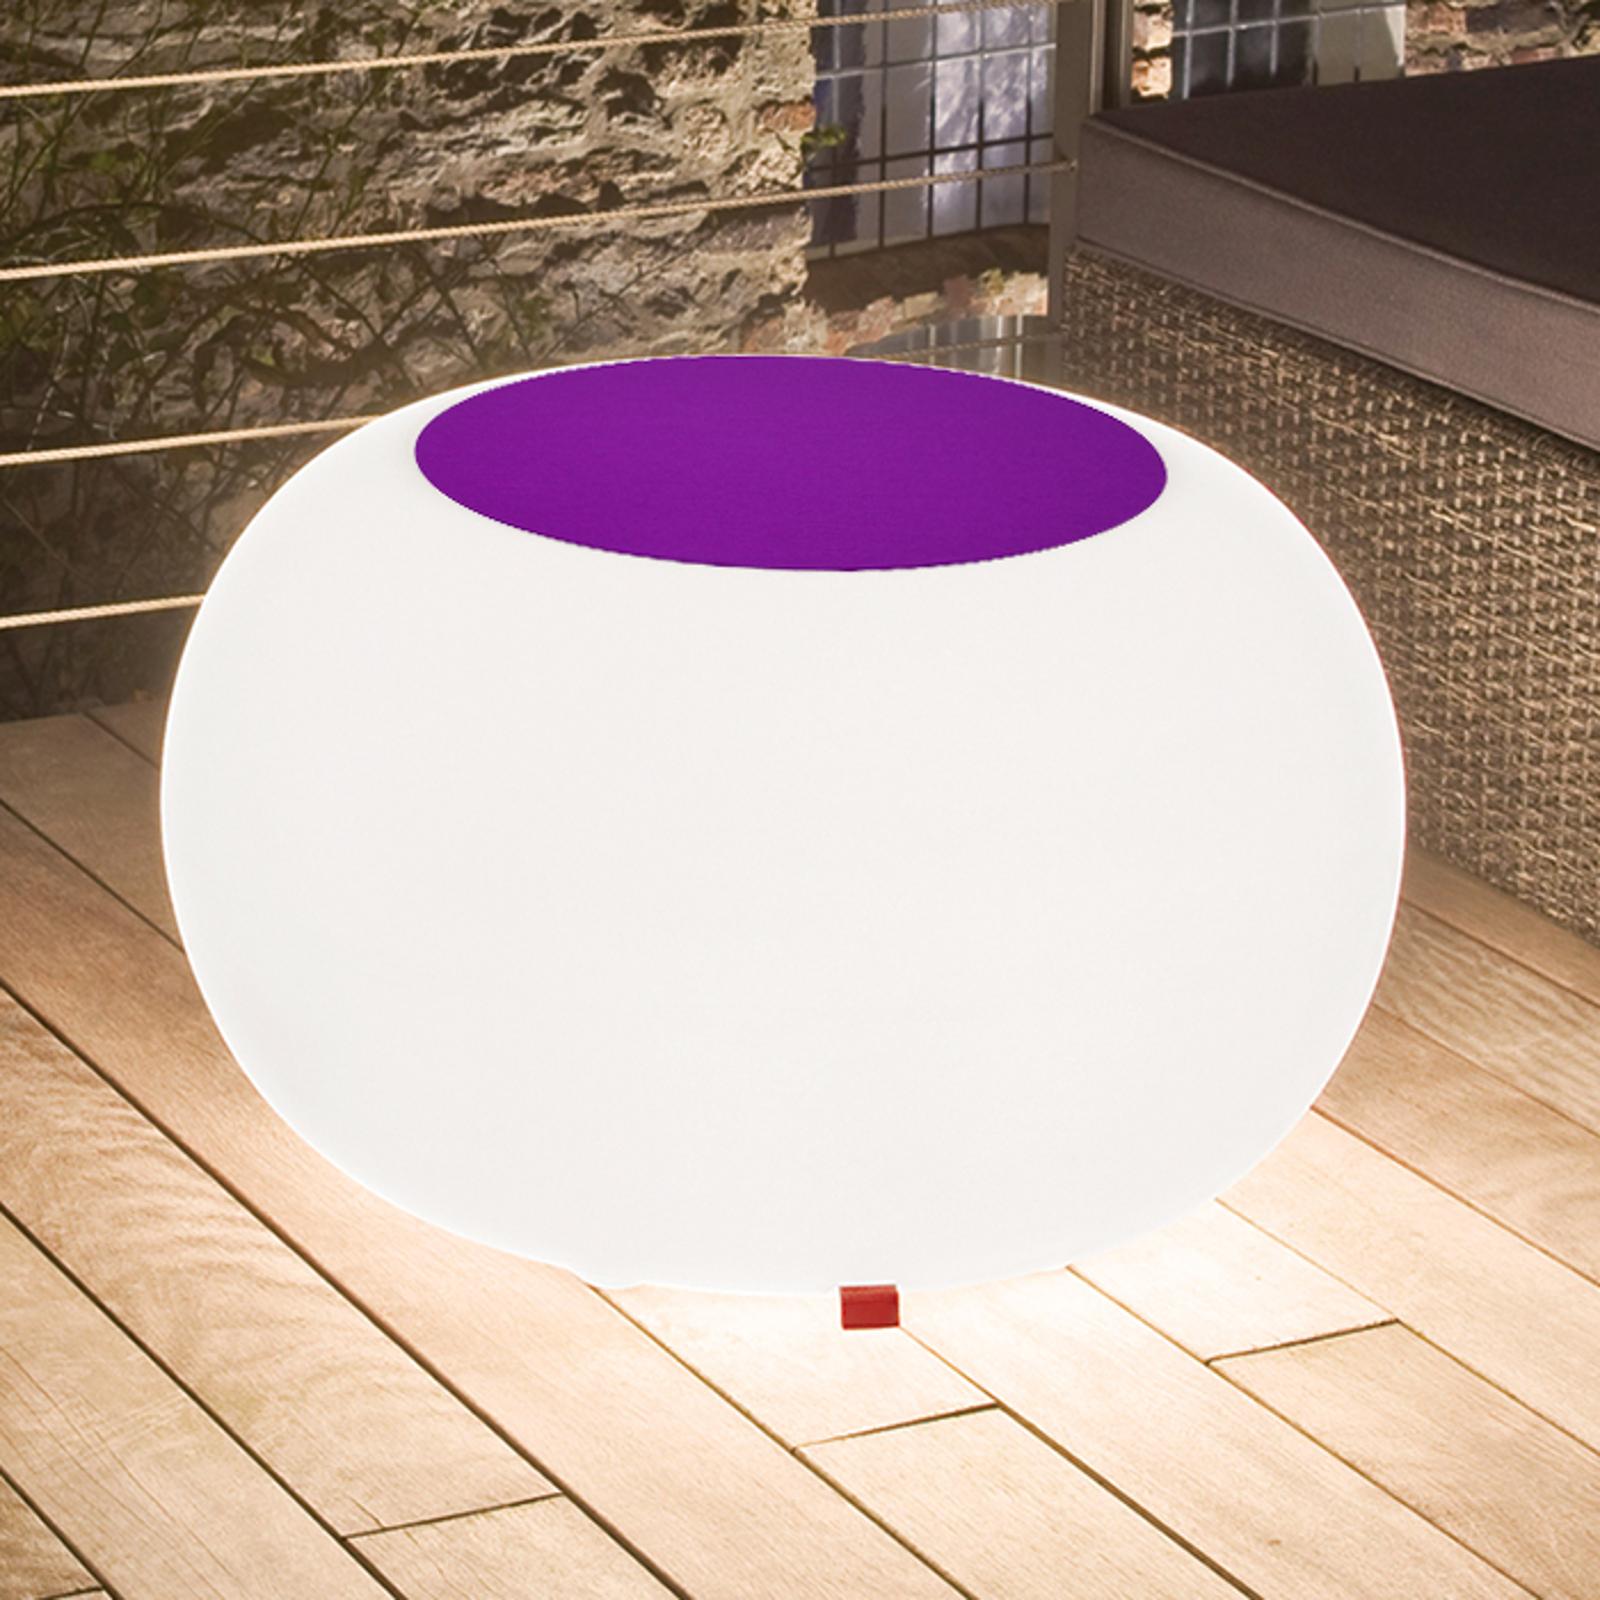 Bubble Outdoor Tisch, E27-Lampe, Filz violett